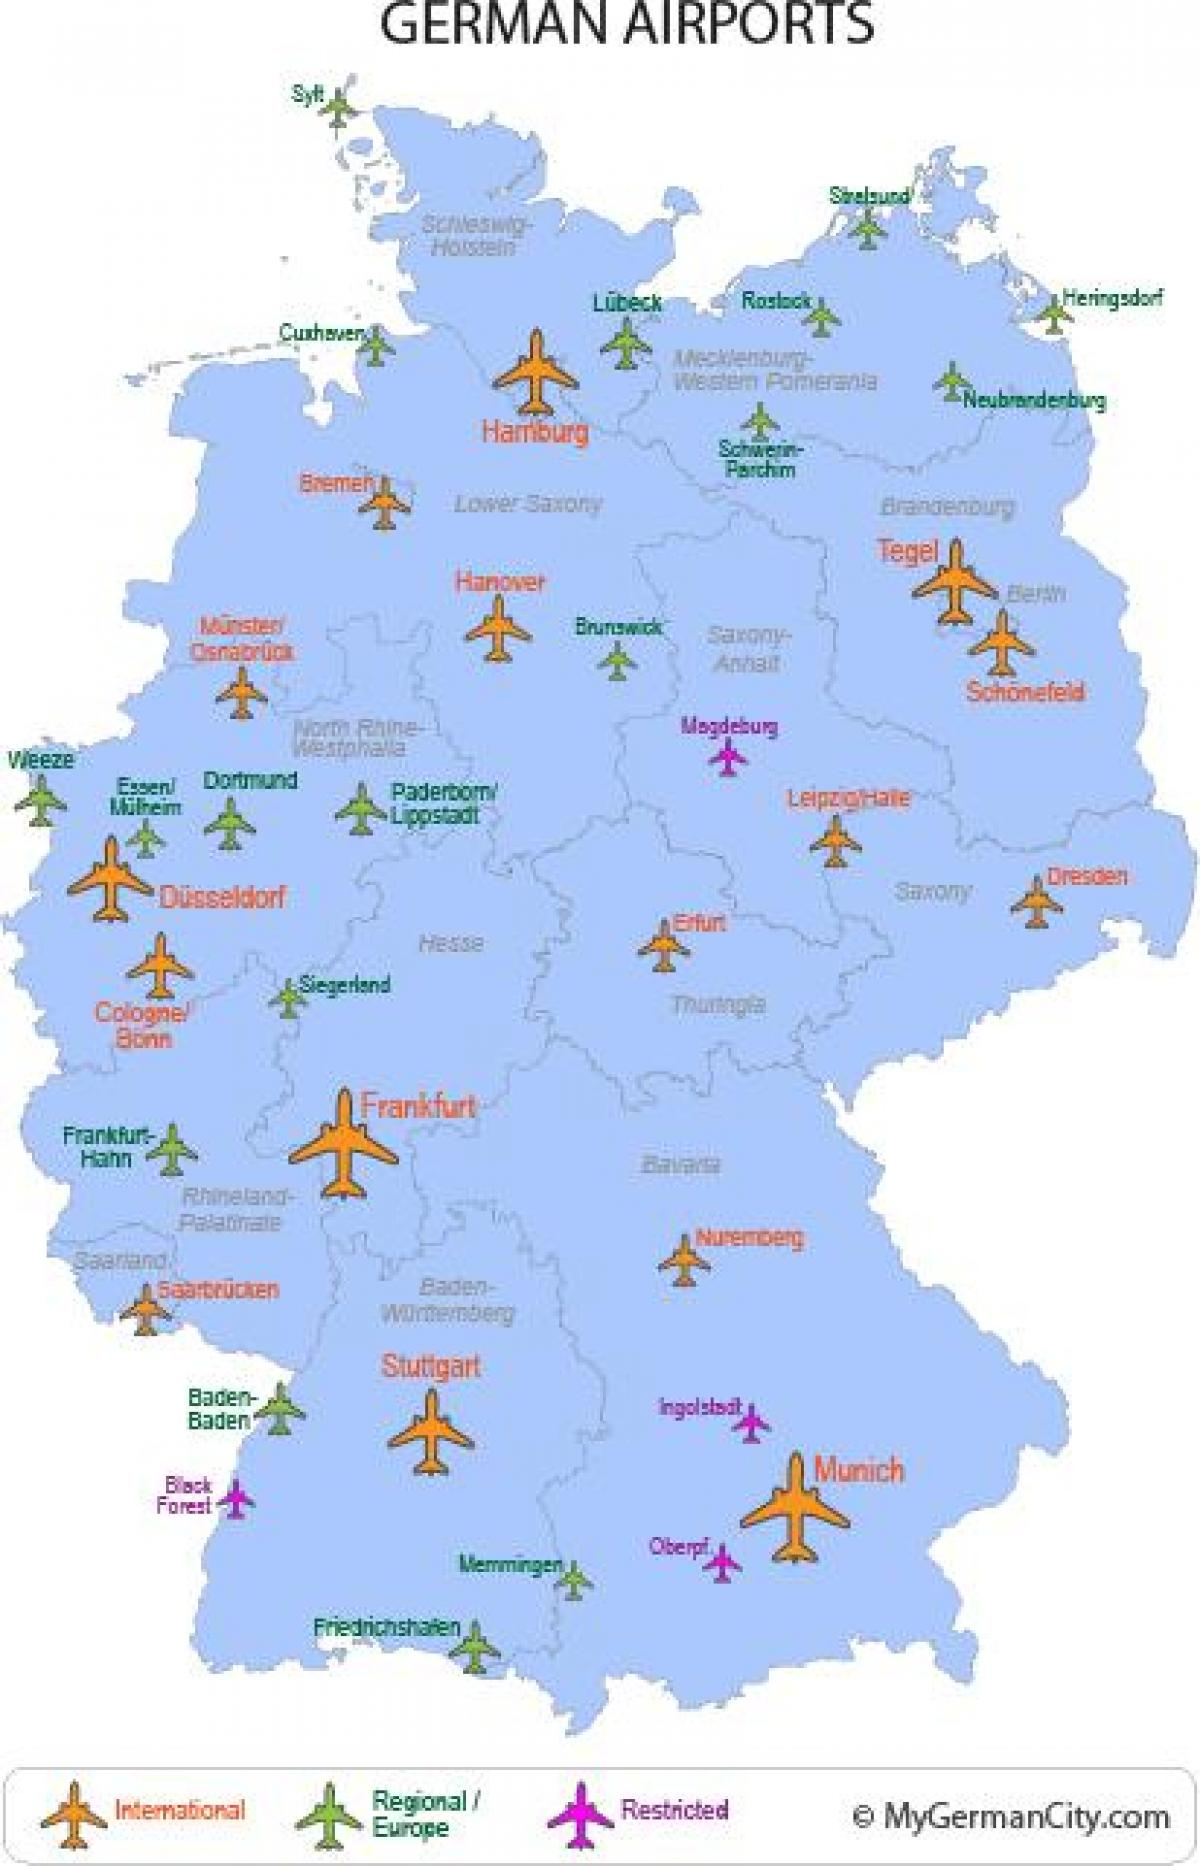 Flughäfen Deutschland Karte.Flughäfen In Deutschland Karte Deutschland Karte Flughäfen